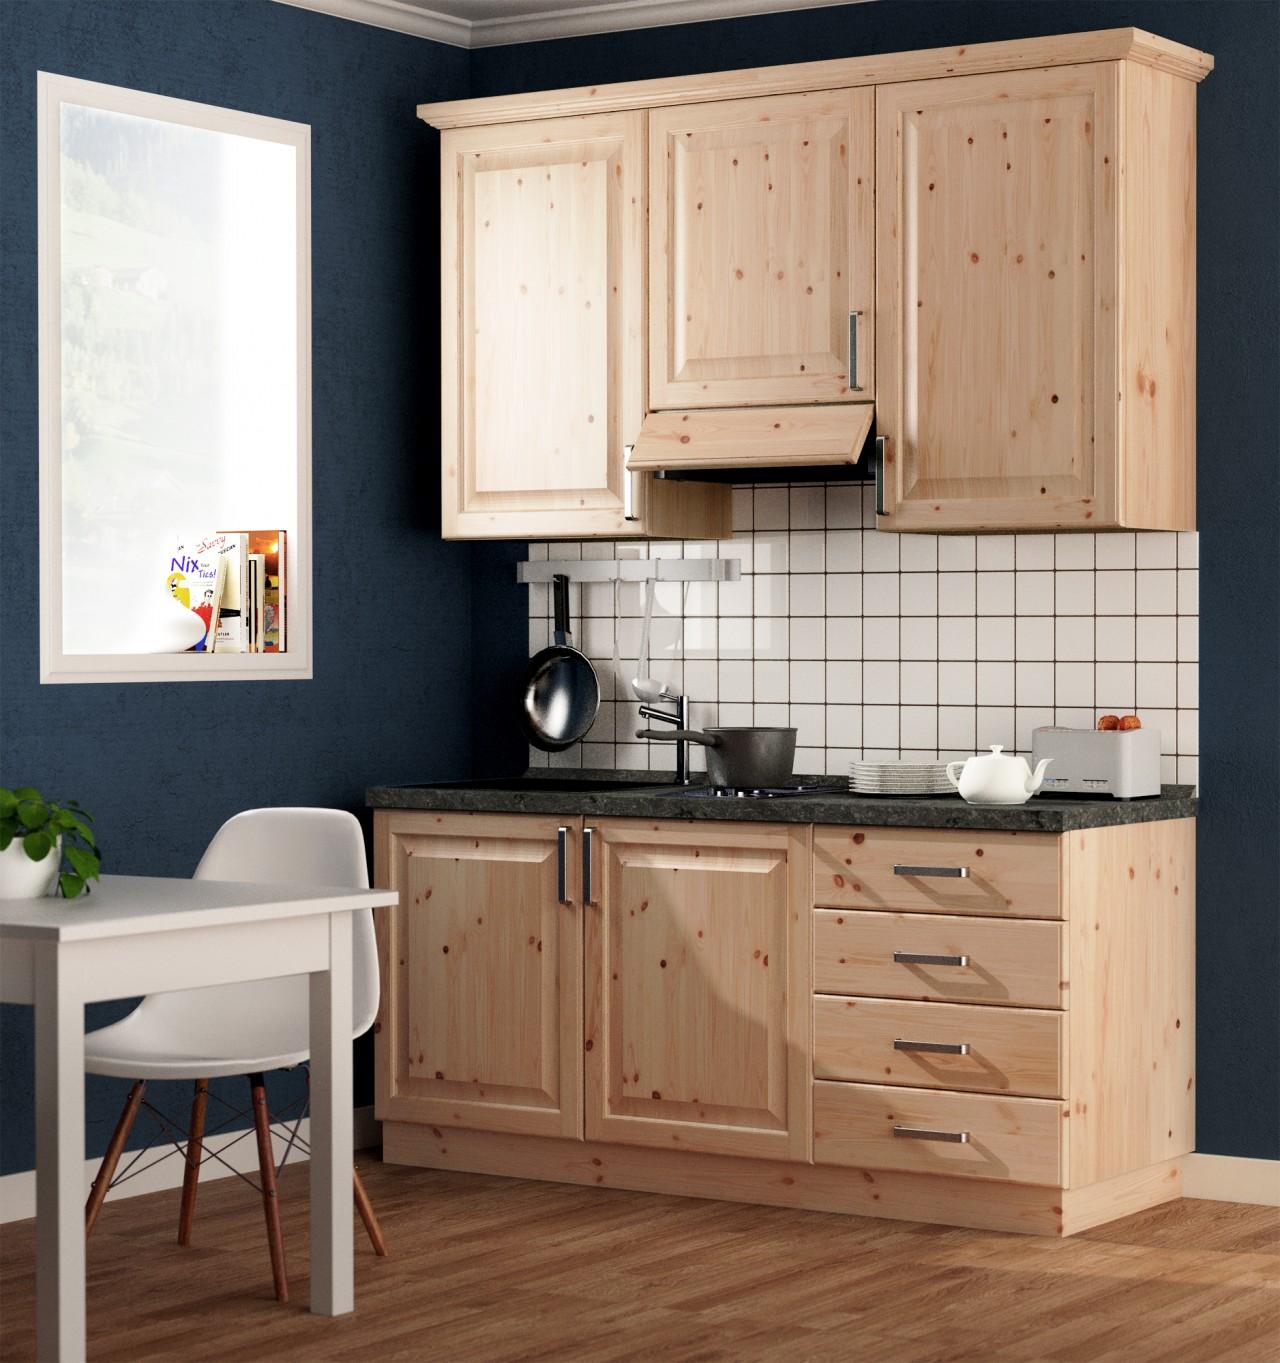 Cucine rustiche, Cucina rustica L180, Arredamenti Rustici